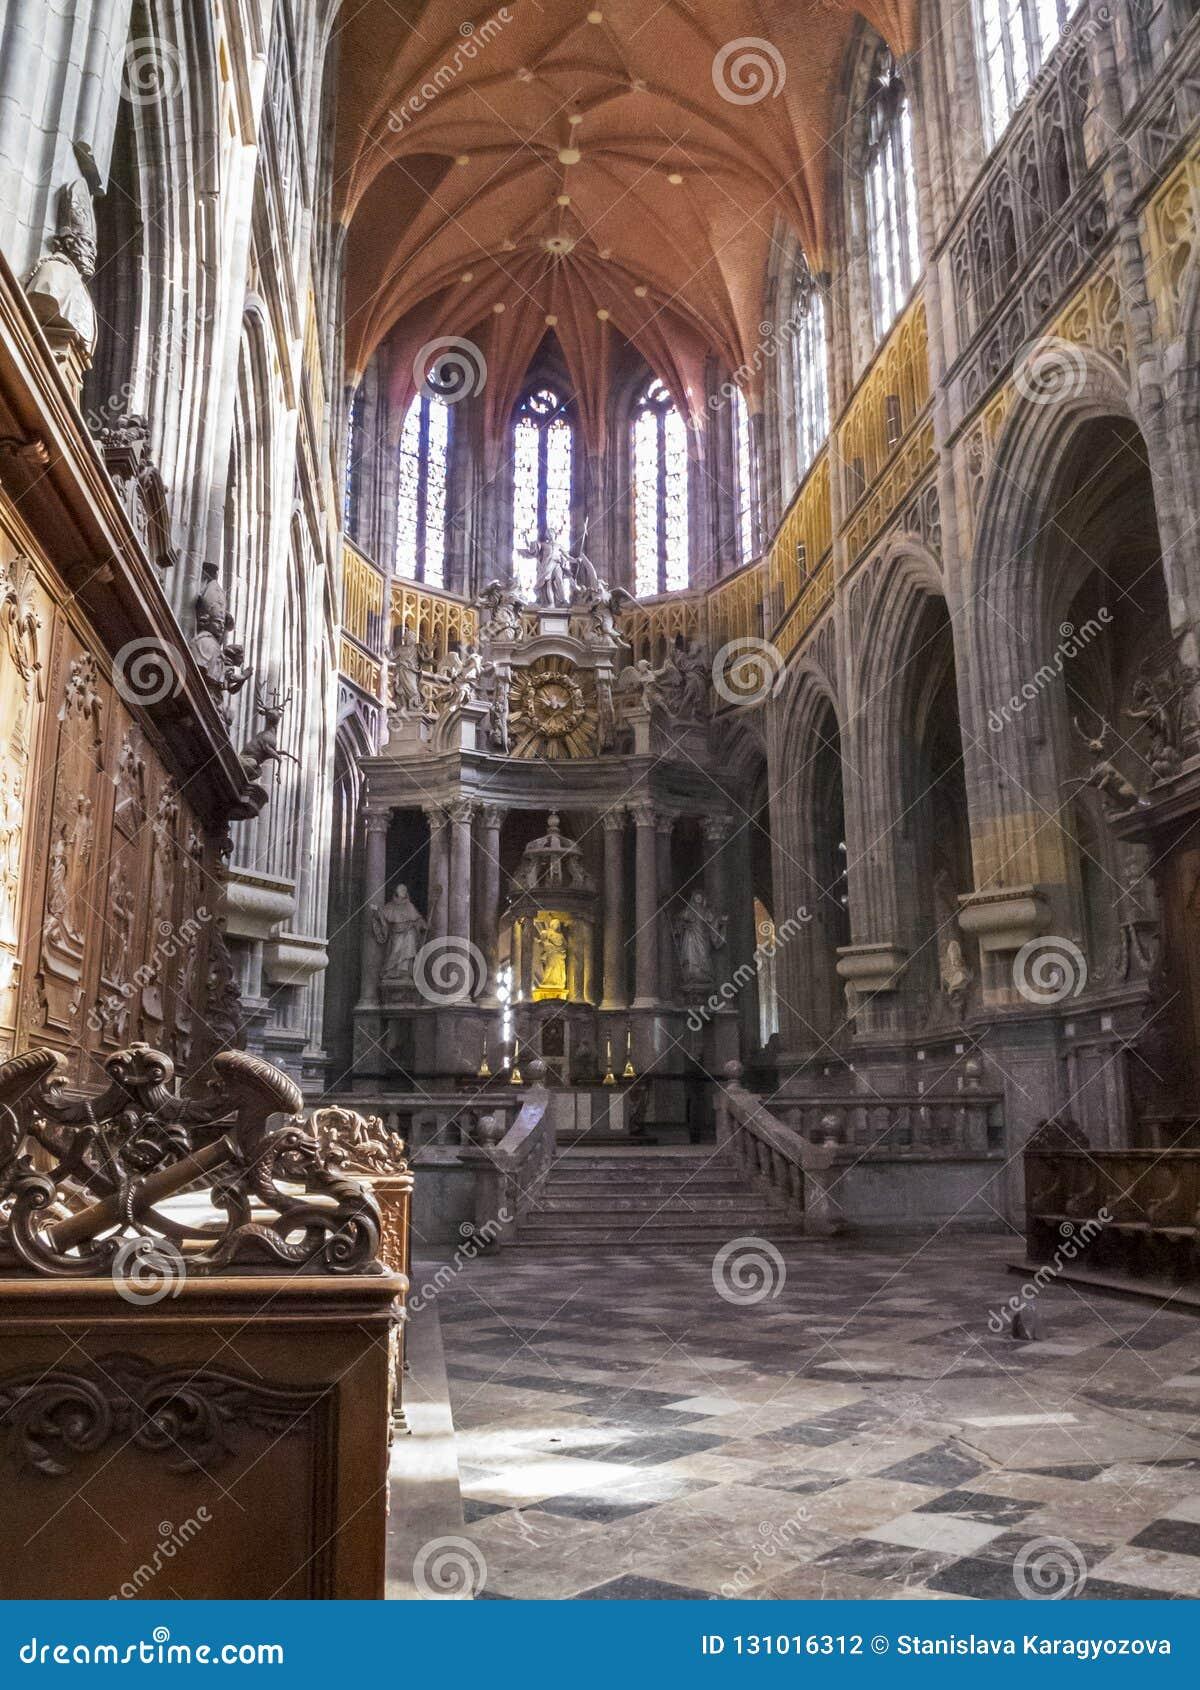 Il coro dello Sts Peter e Paul Basilica in San-Hubert, Belgio